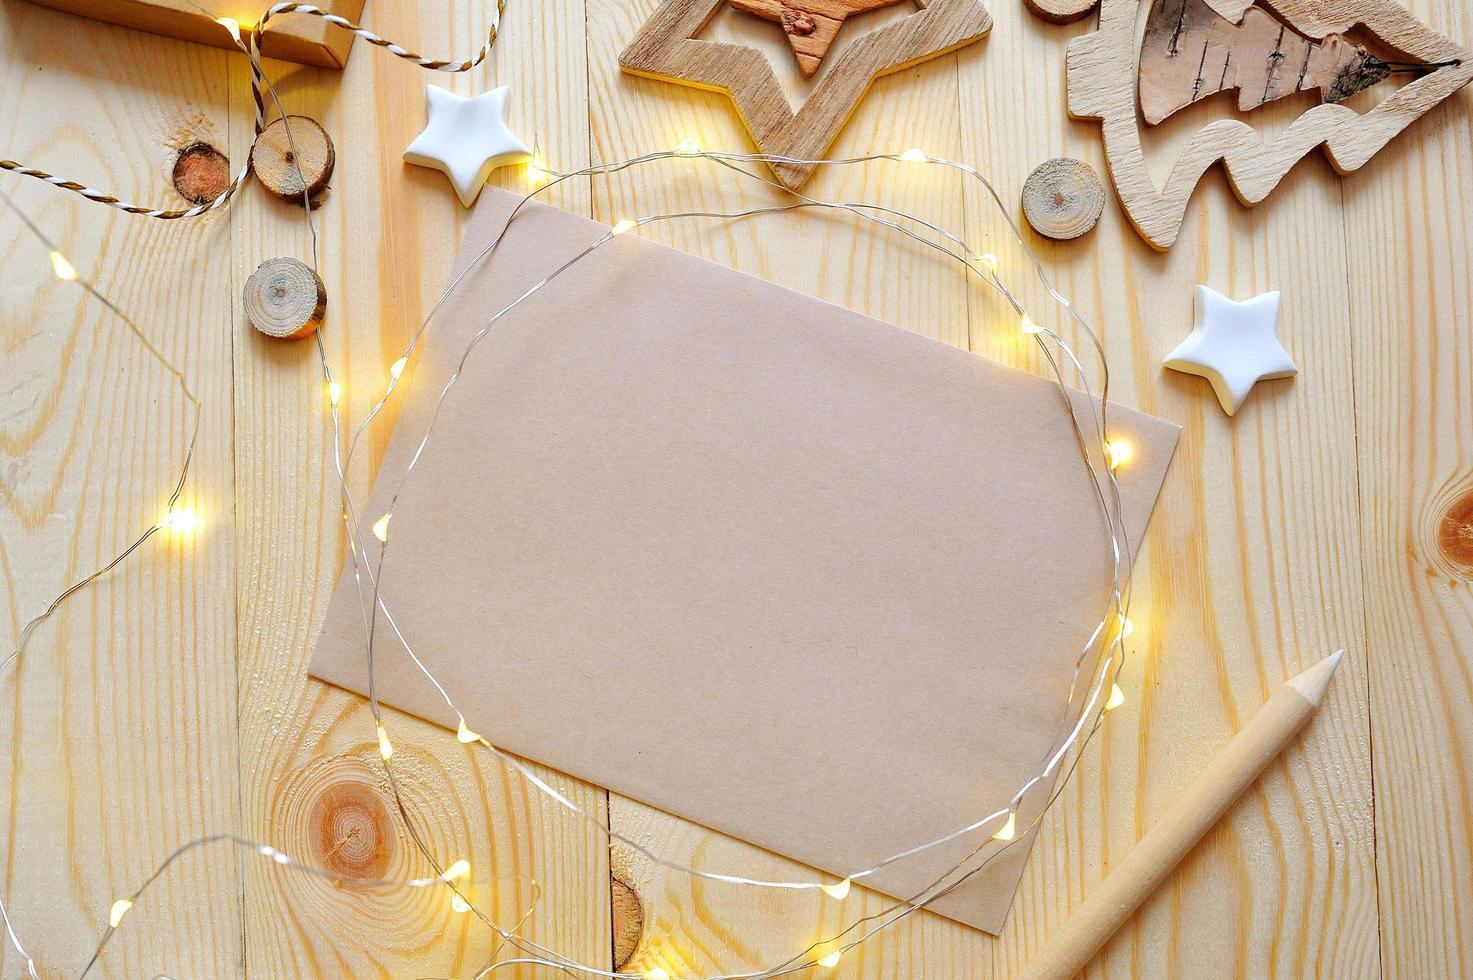 blanco papier onder kerstverlichting en decoraties foto